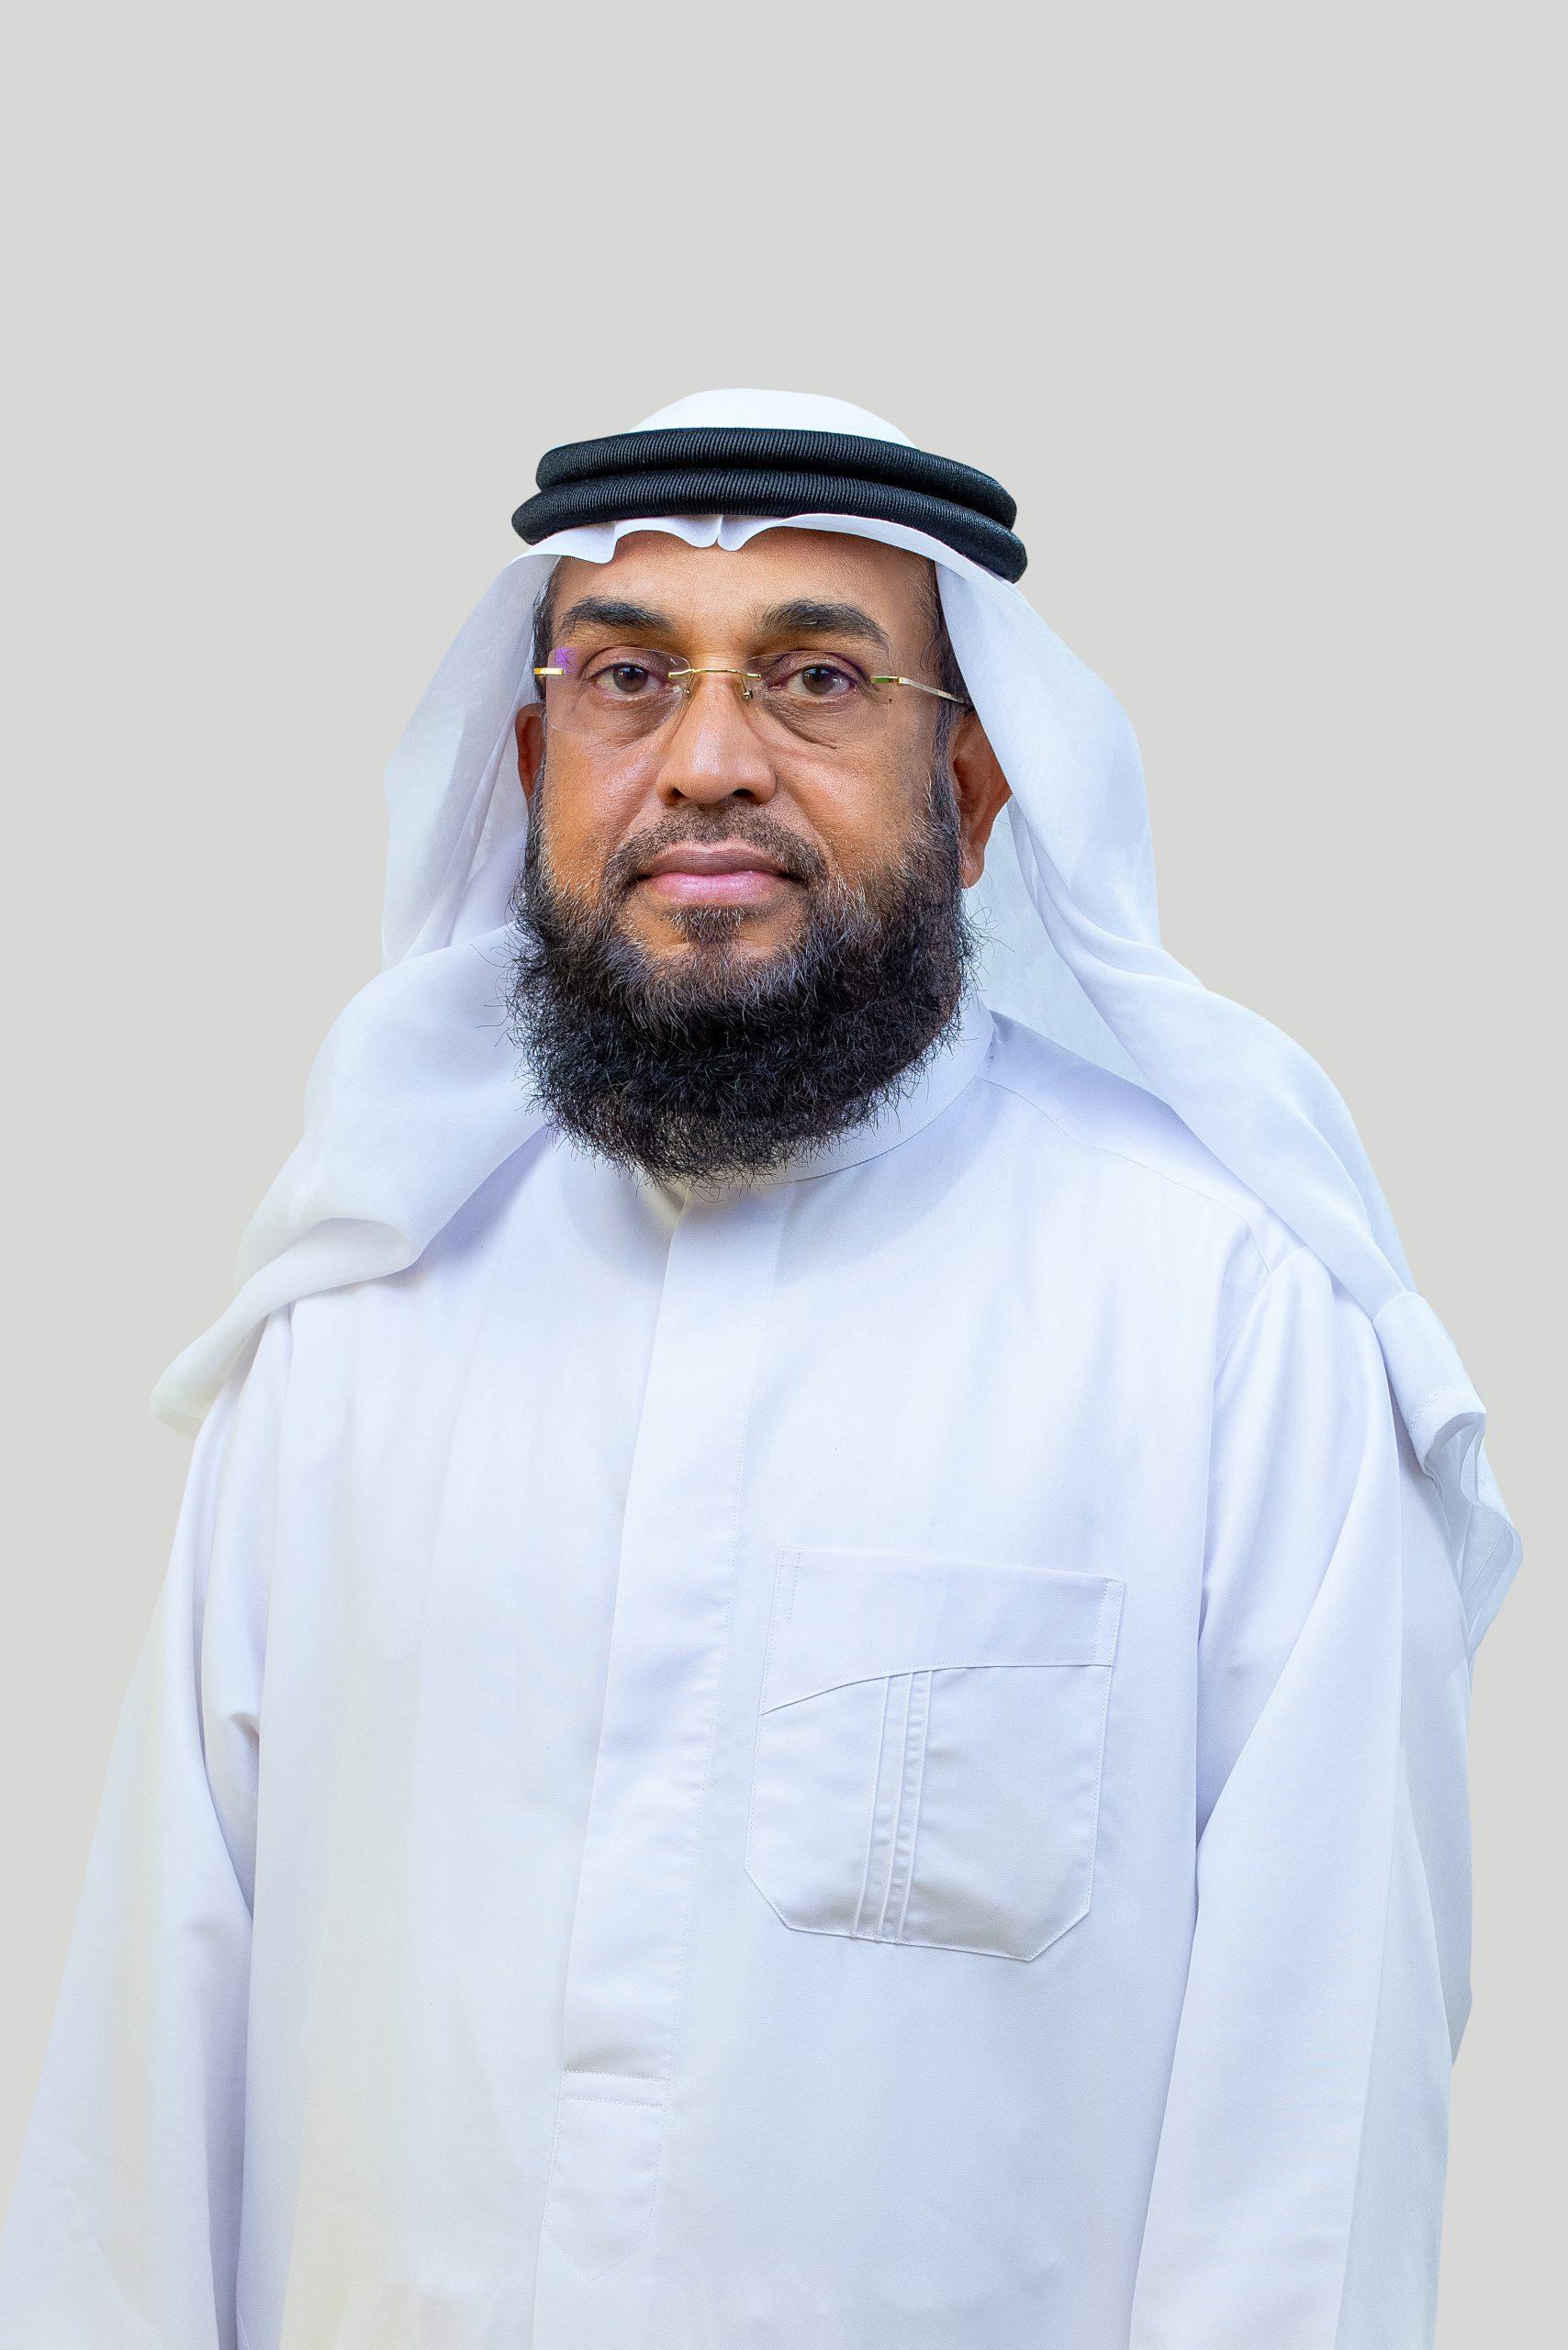 Dr. Waliuddin Nadwi